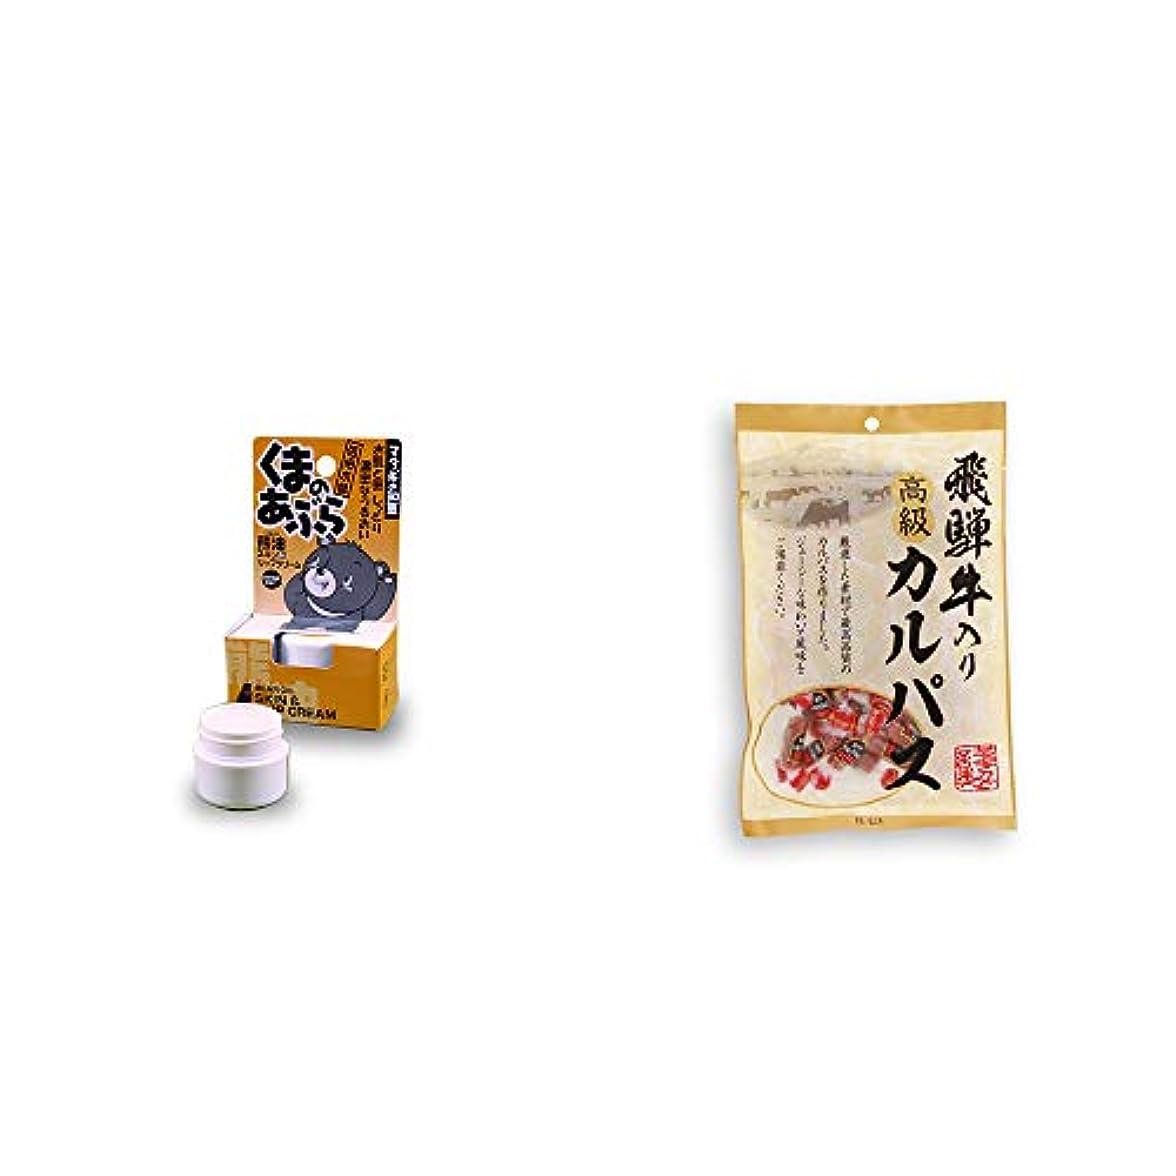 [2点セット] 信州木曽 くまのあぶら 熊油スキン&リップクリーム(9g)?厳選素材 飛騨牛入り高級カルパス(100g)